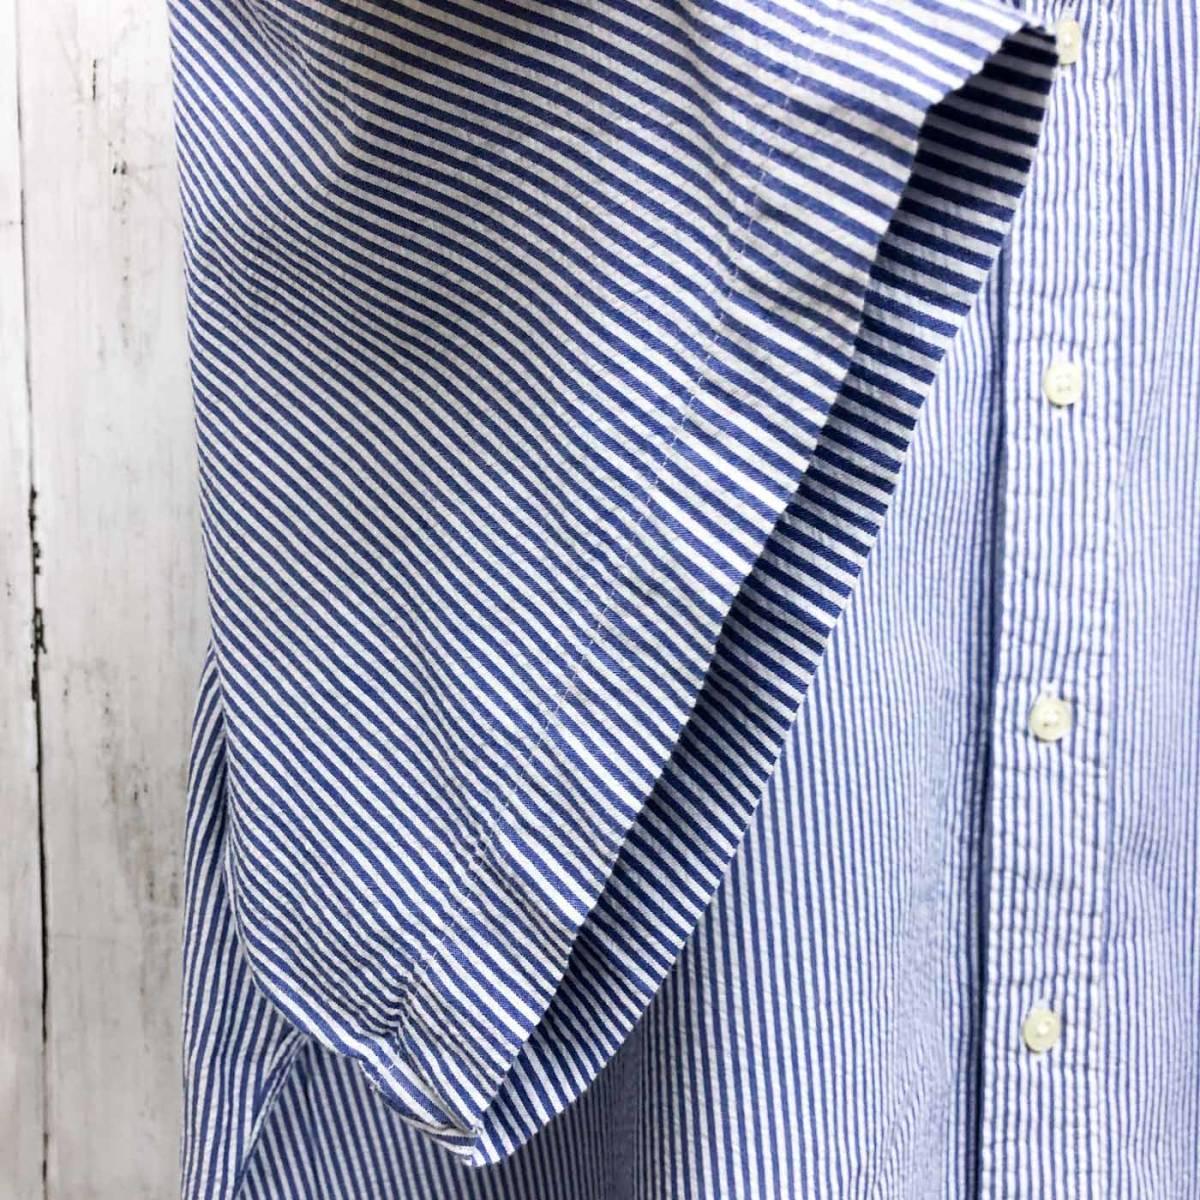 ラルフローレン POLO Ralph Lauren Polo 半袖シャツ メンズ ワンポイント XLサイズ 7-158_画像6